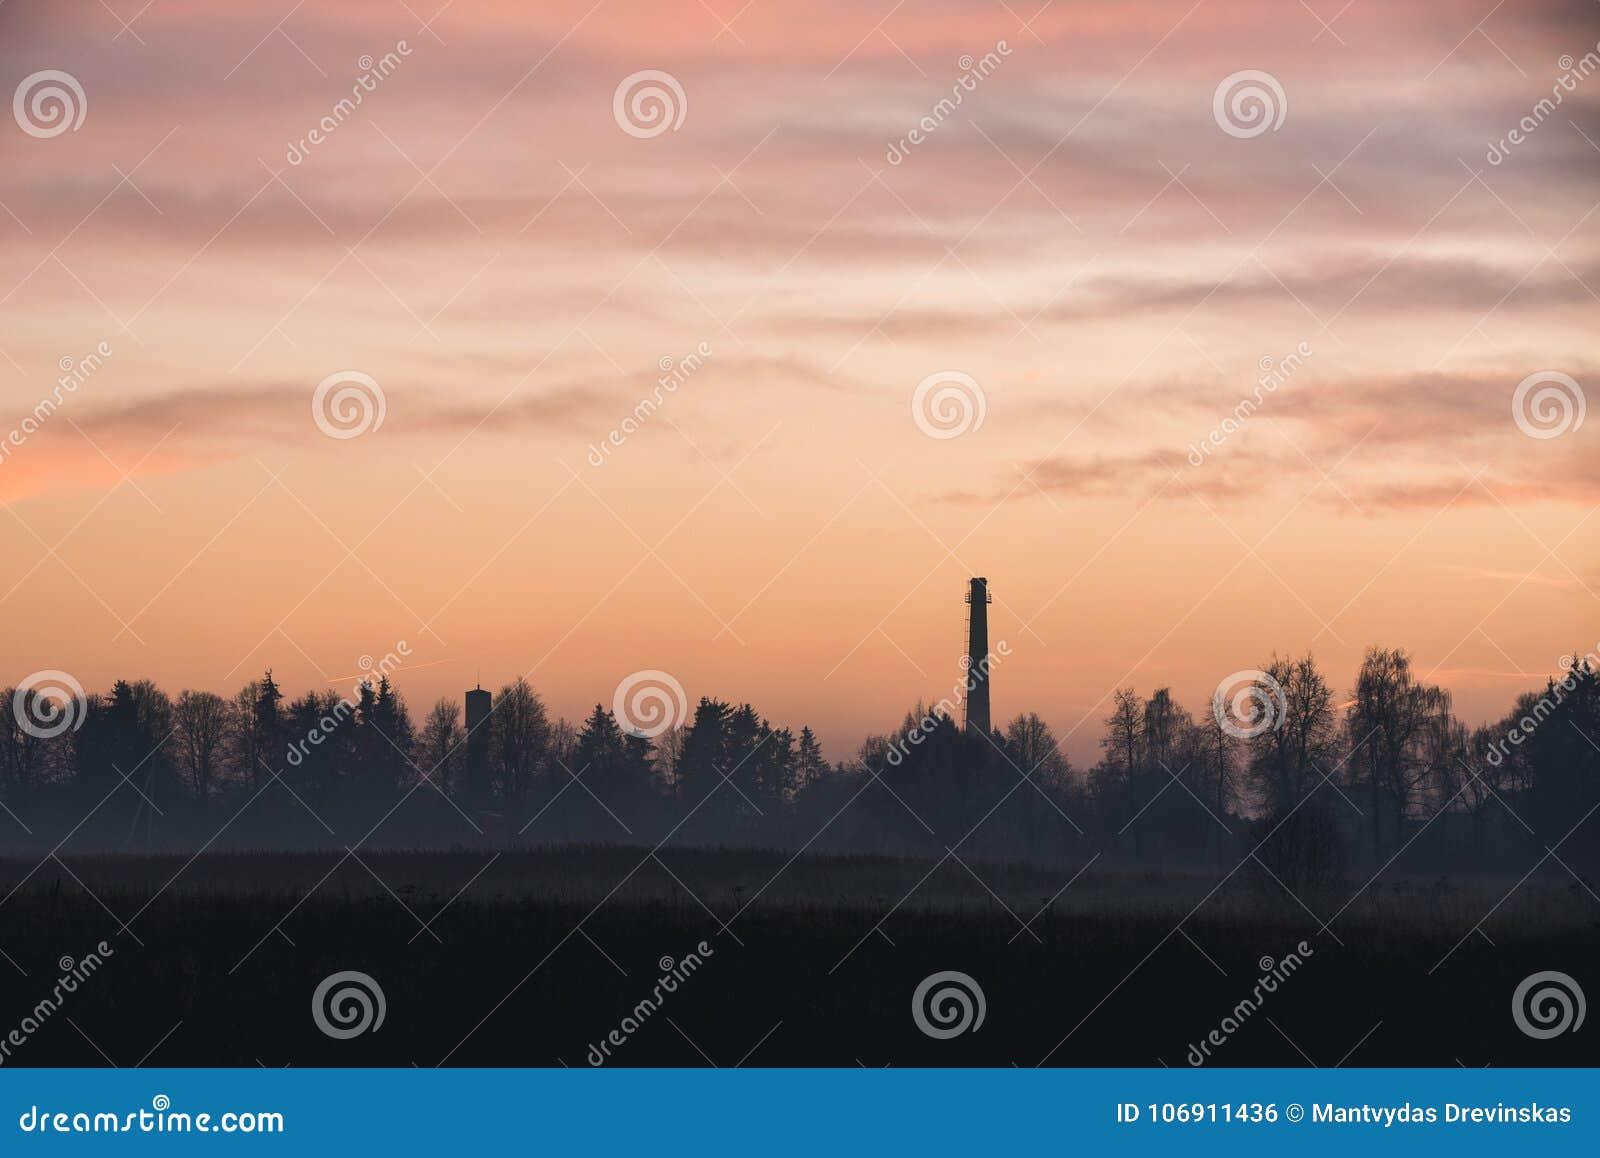 Fabryczny komin w lesie przy zmierzchem